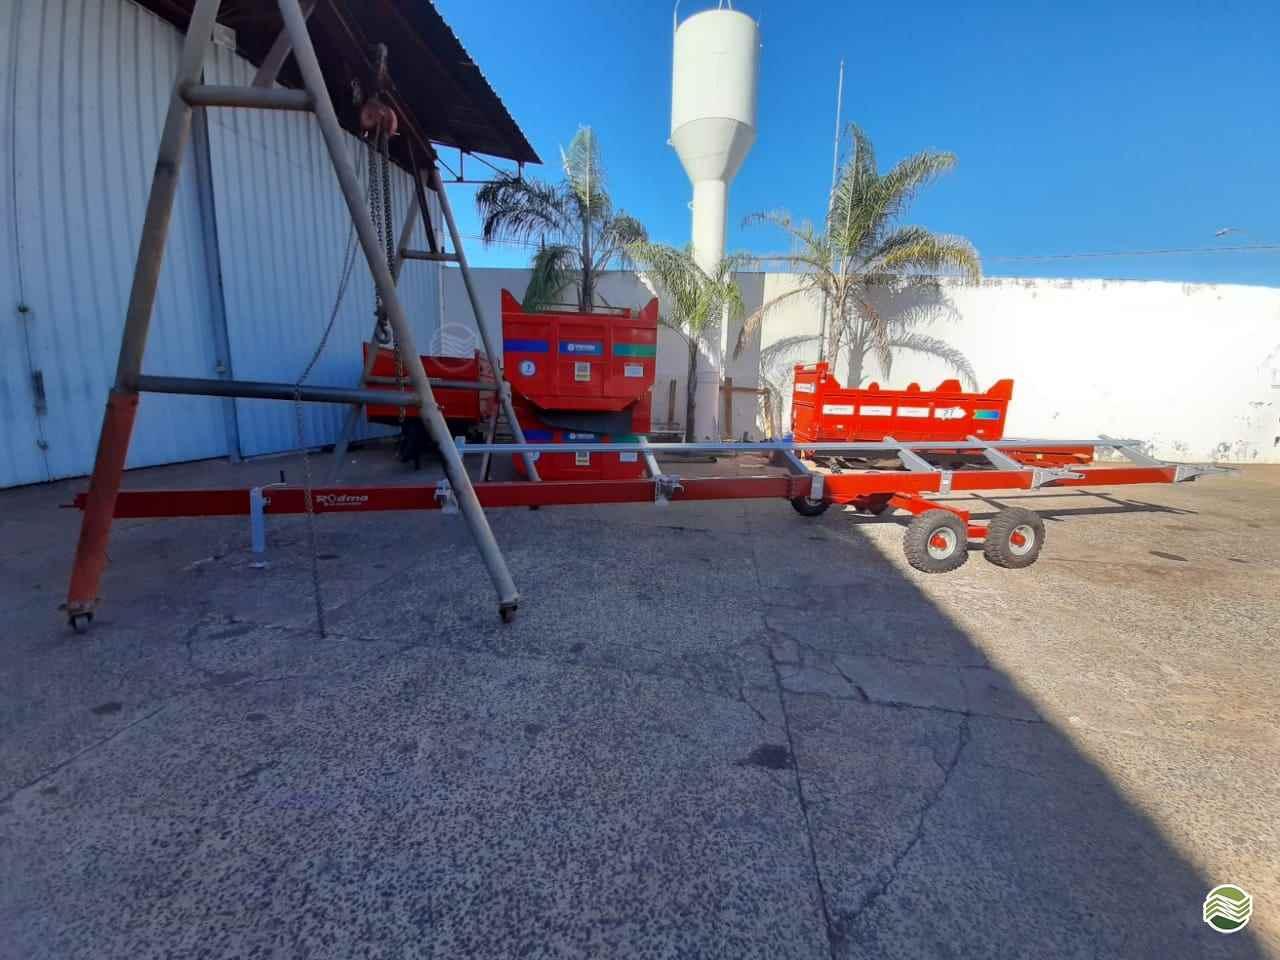 PLATAFORMA COLHEITADEIRA de Gerominho Implementos Agrícolas - UBERLANDIA/MG